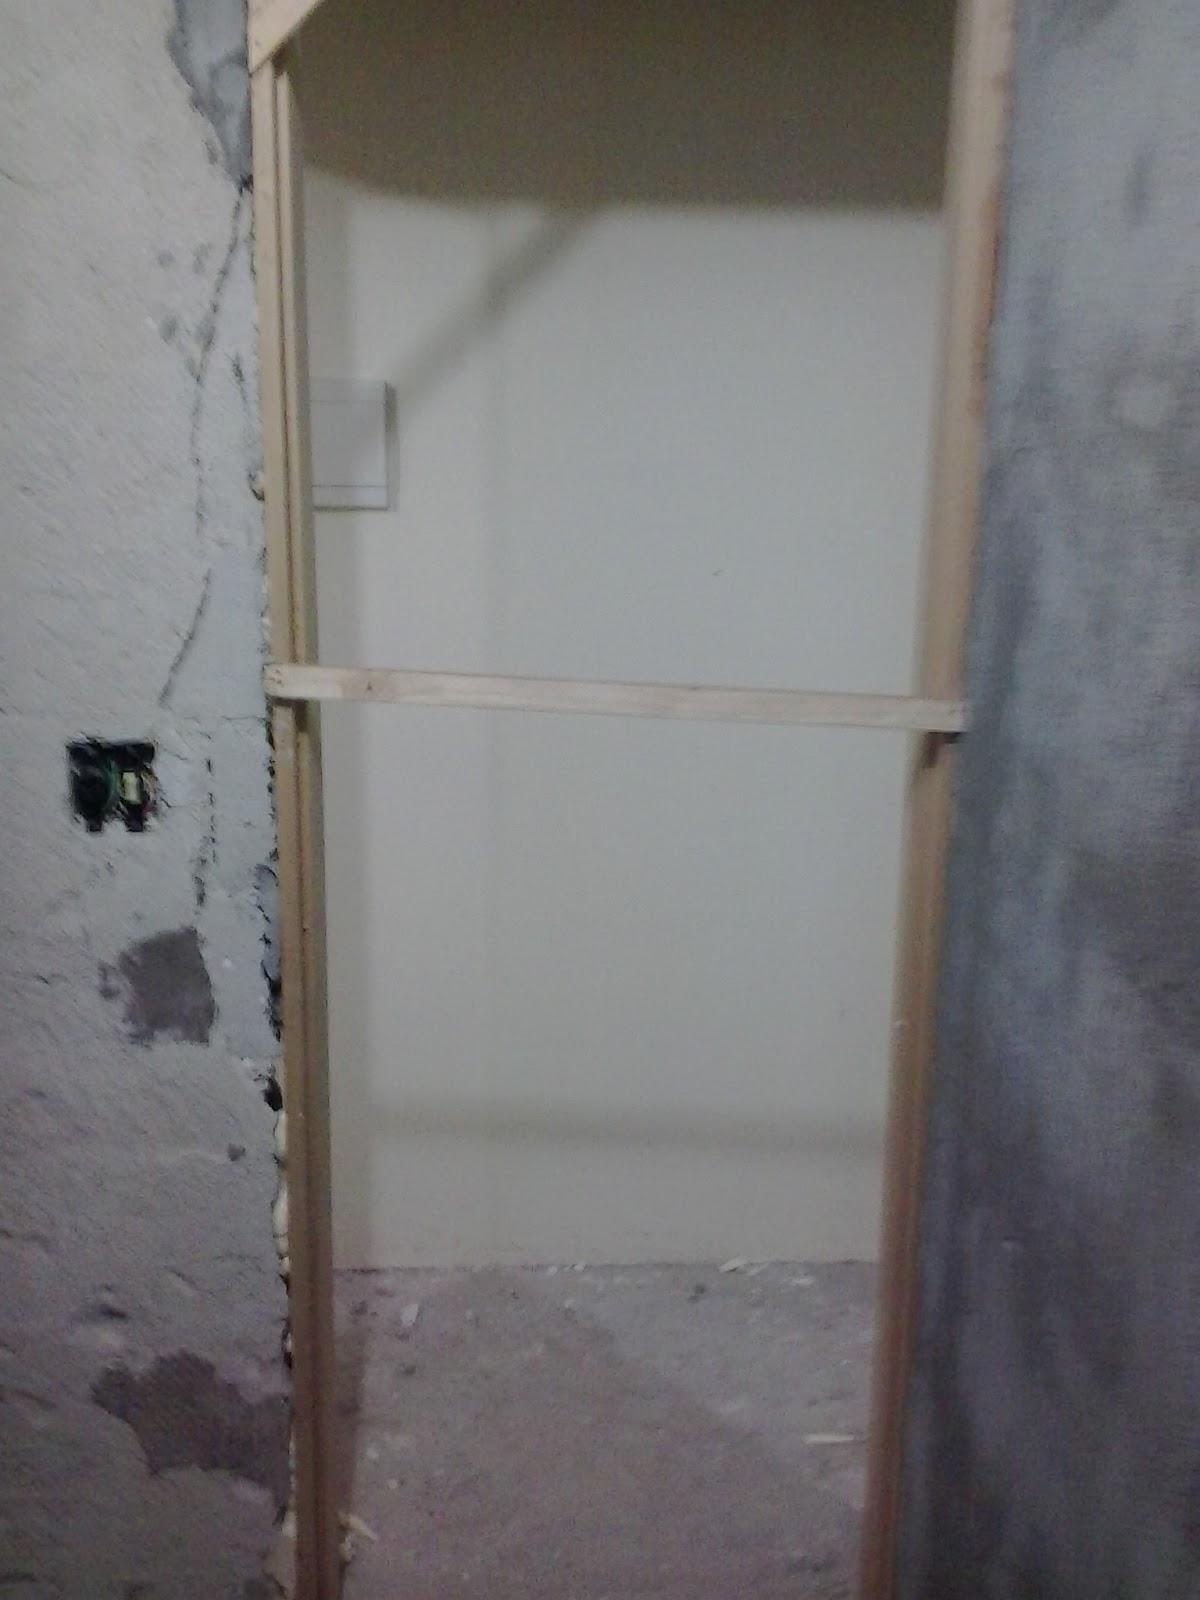 banheiro esta sem cara de banheiro rsrsrs Esses X em fita crepe  #746657 1200 1600